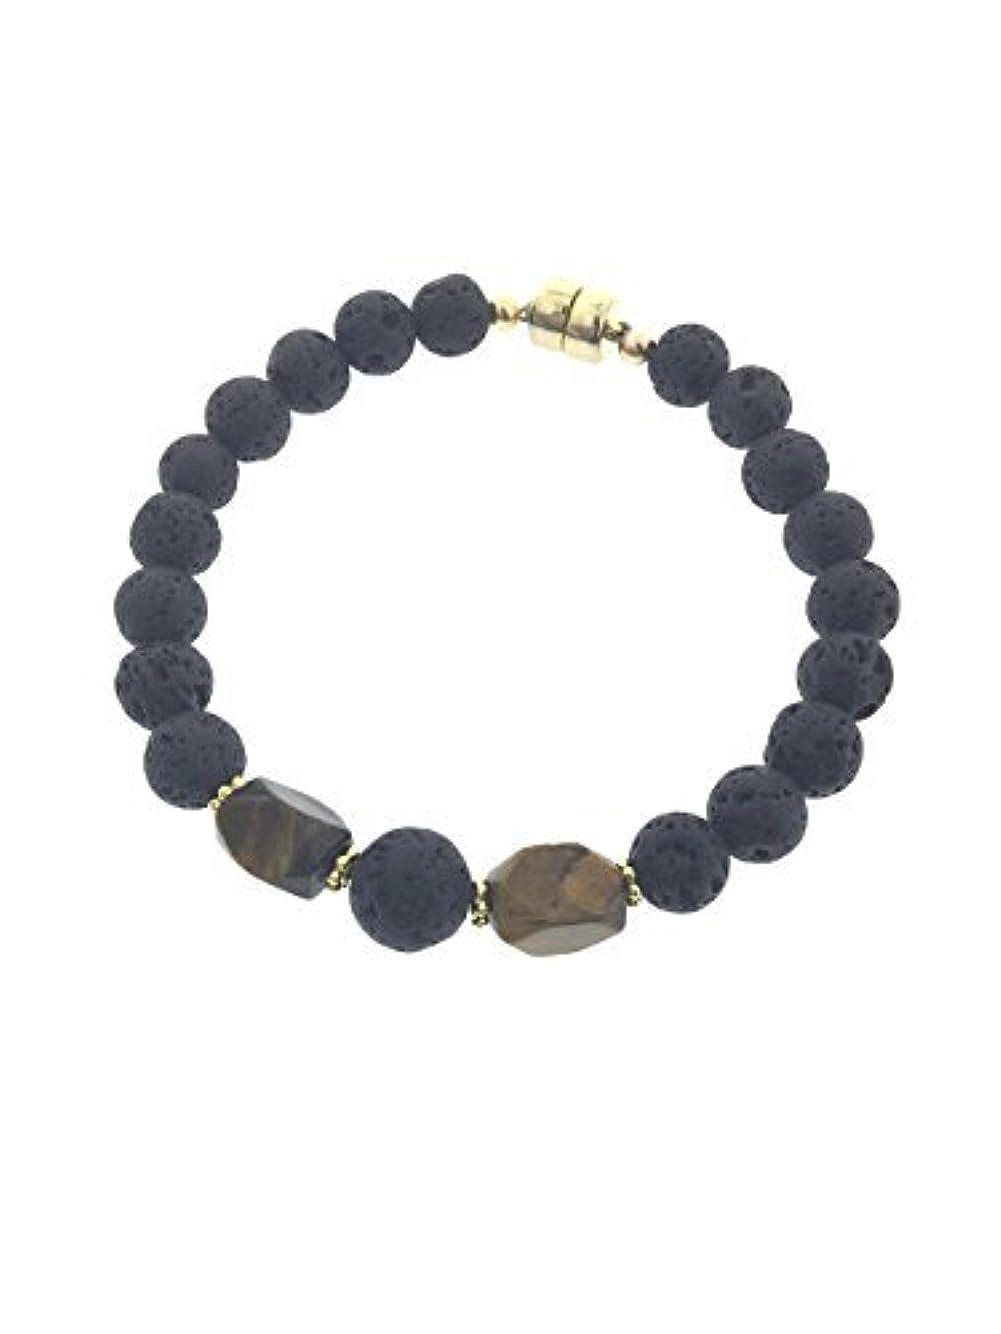 モスクラベンダー遠近法Tiger-eye and Lava Essential Oil Diffuser Bracelet with Gold-Filled Rare Earth Magnetic Clasp - XLarge [並行輸入品]